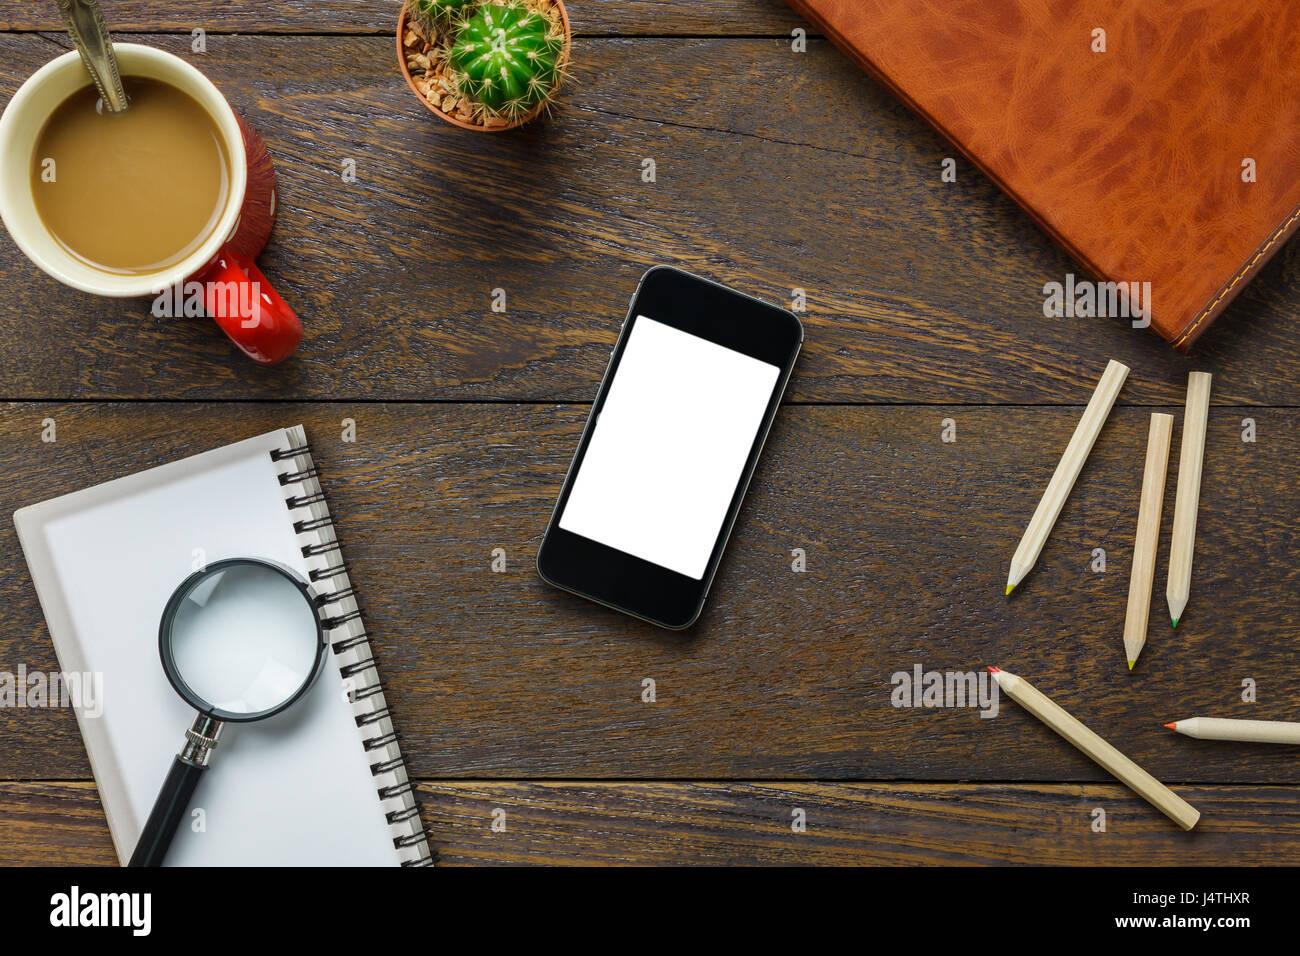 Top Visualizza Accessori Scrivania In Ufficio Il Telefono Mobile